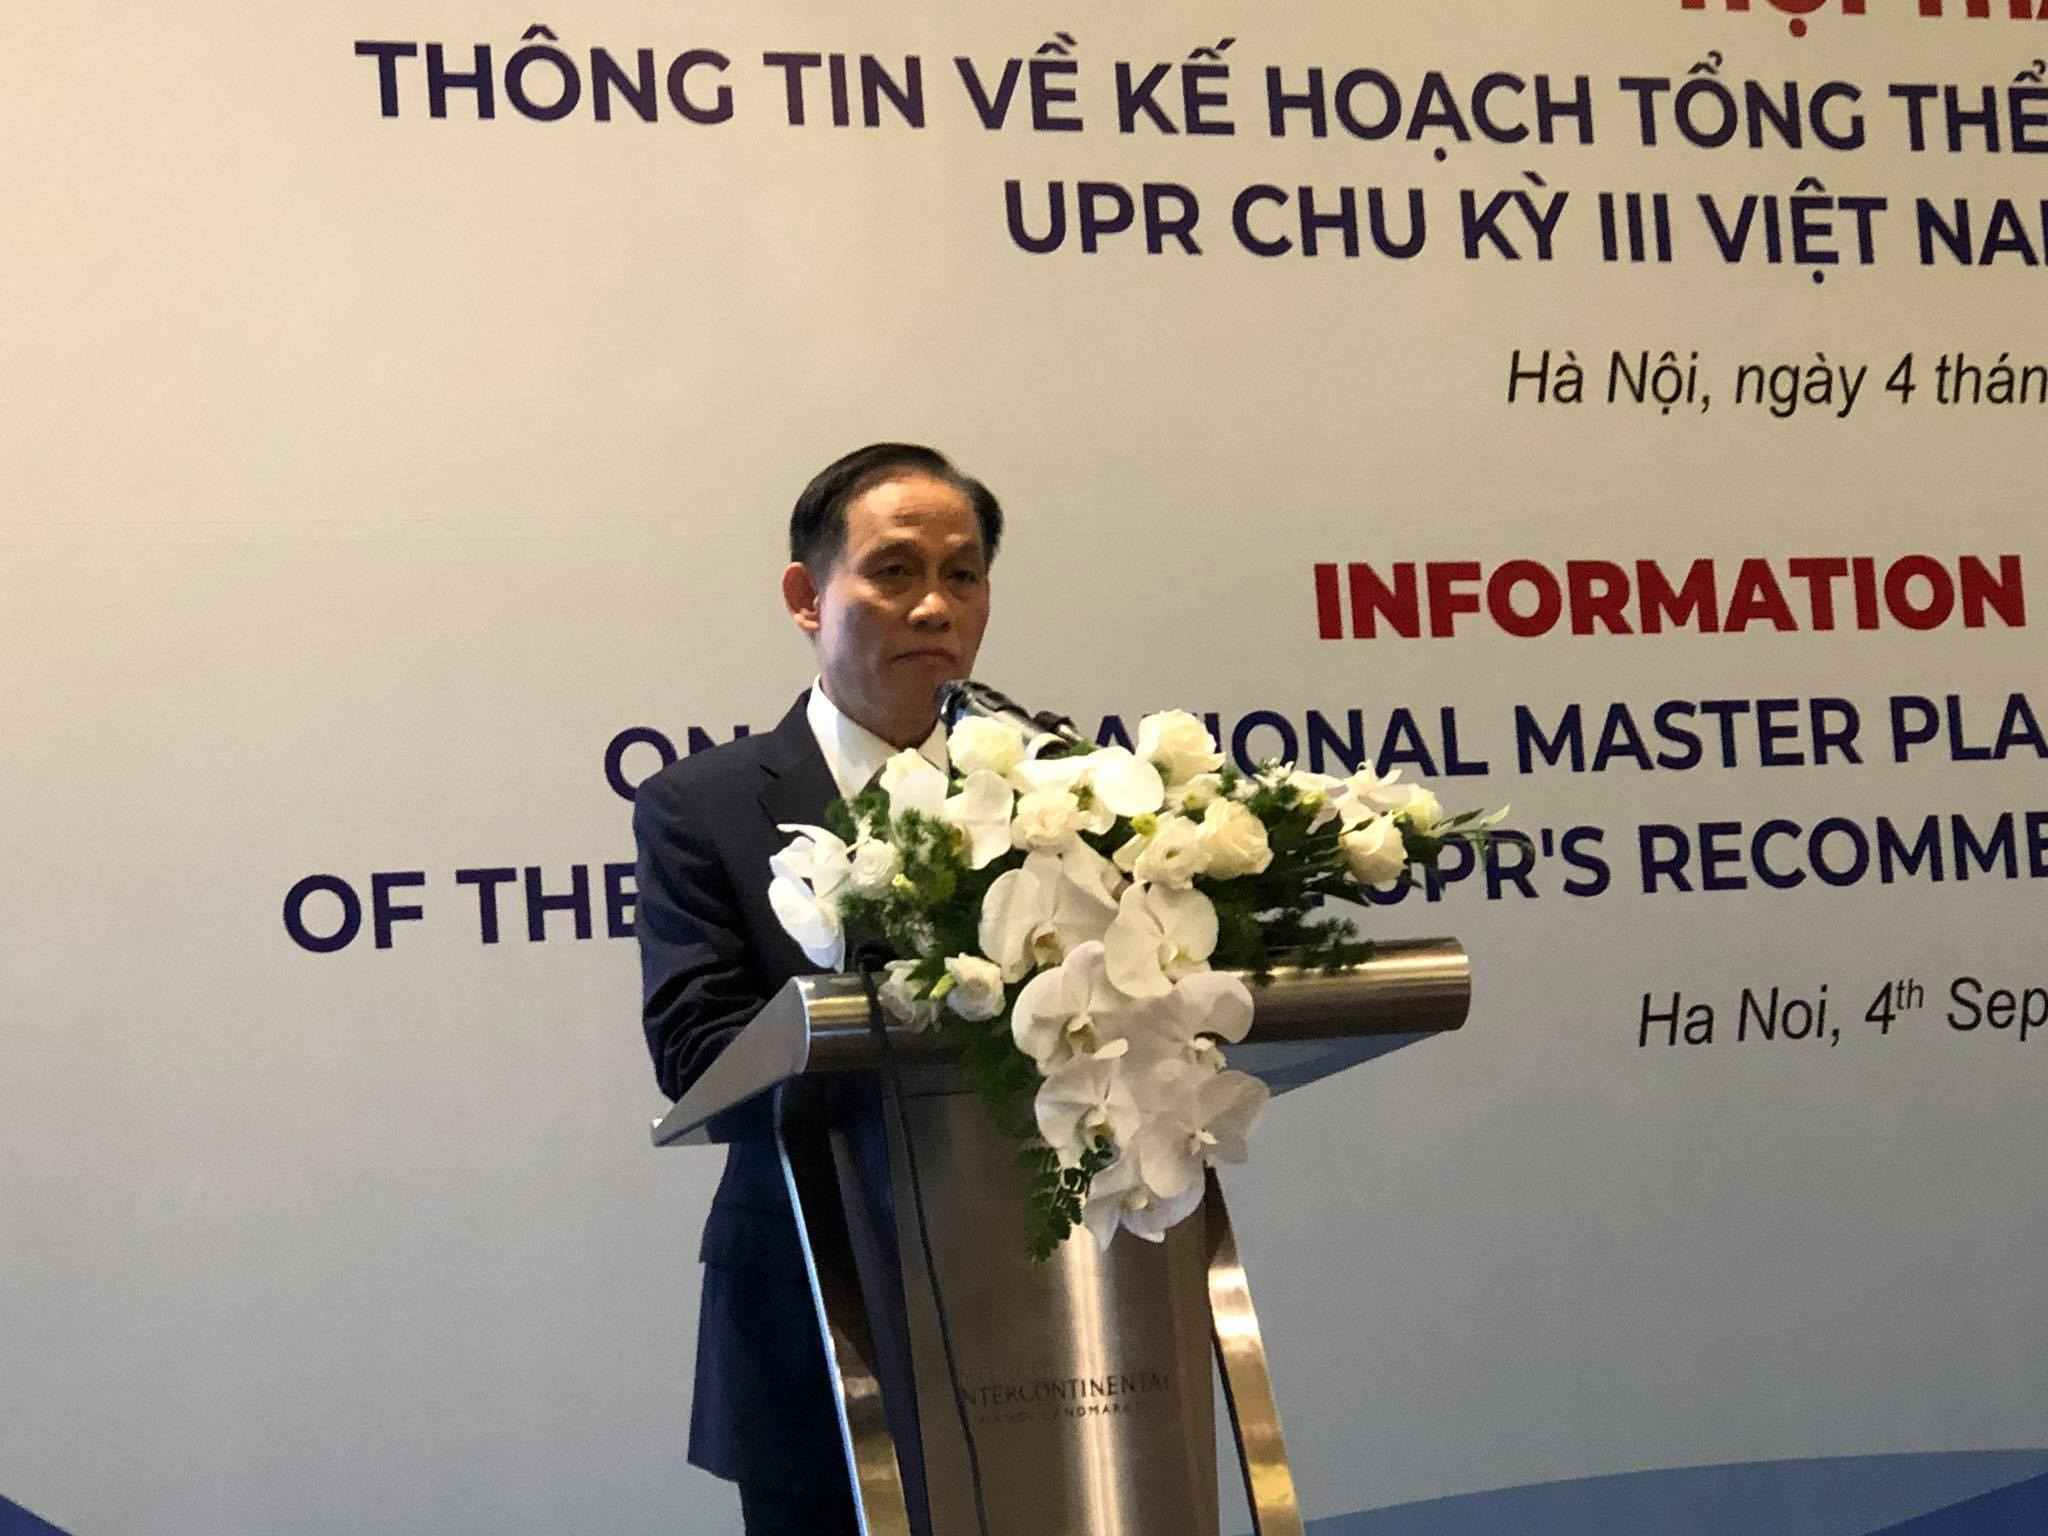 Việt Nam coi trọng và tham gia đầy đủ, nghiêm túc vào cơ chế UPR